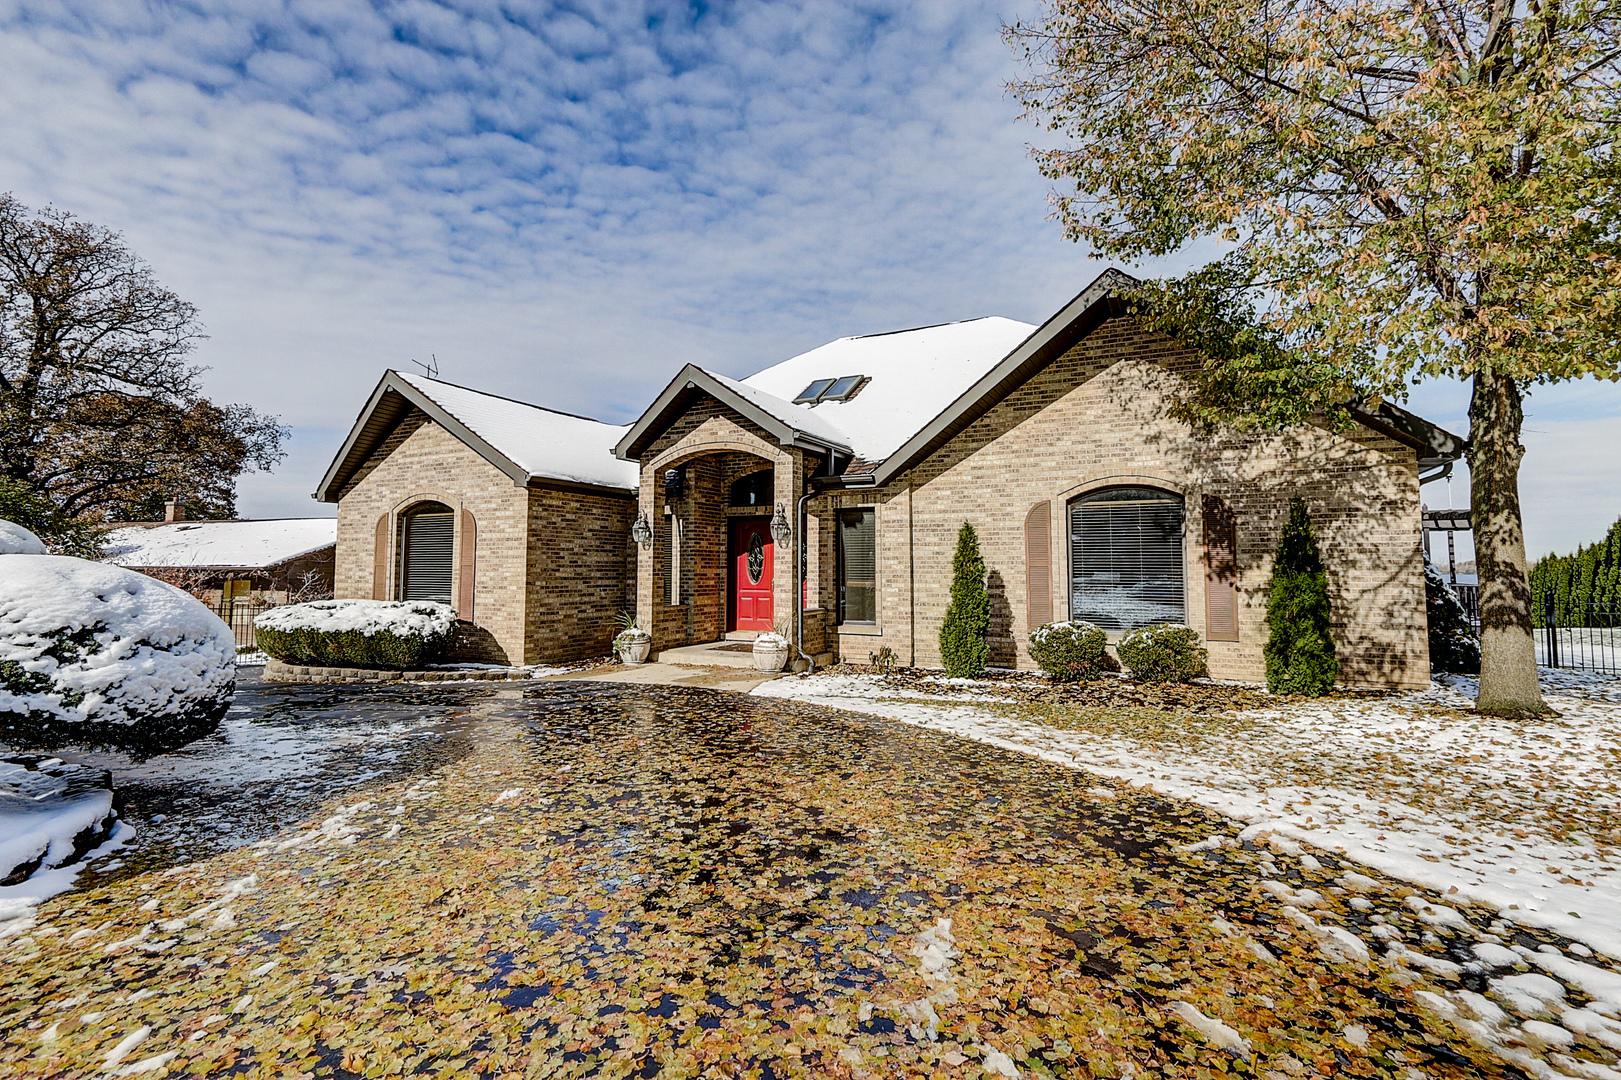 244 Lippincott Lane, Fox Lake, IL 60020